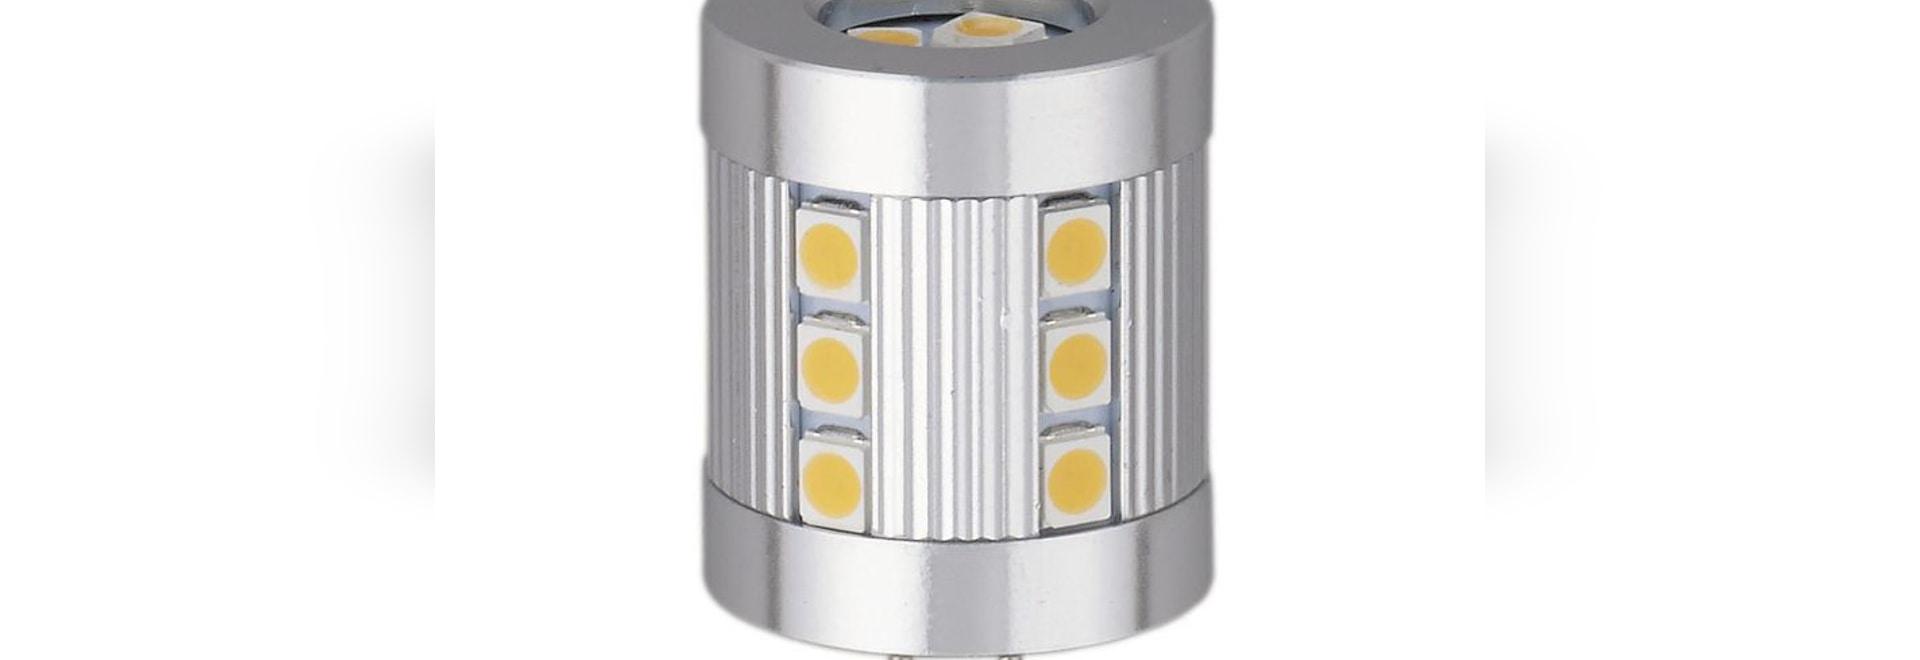 NUOVO: lampadina della barca LED tramite IMPRESE IN TUTTO IL MONDO srl del AAA.